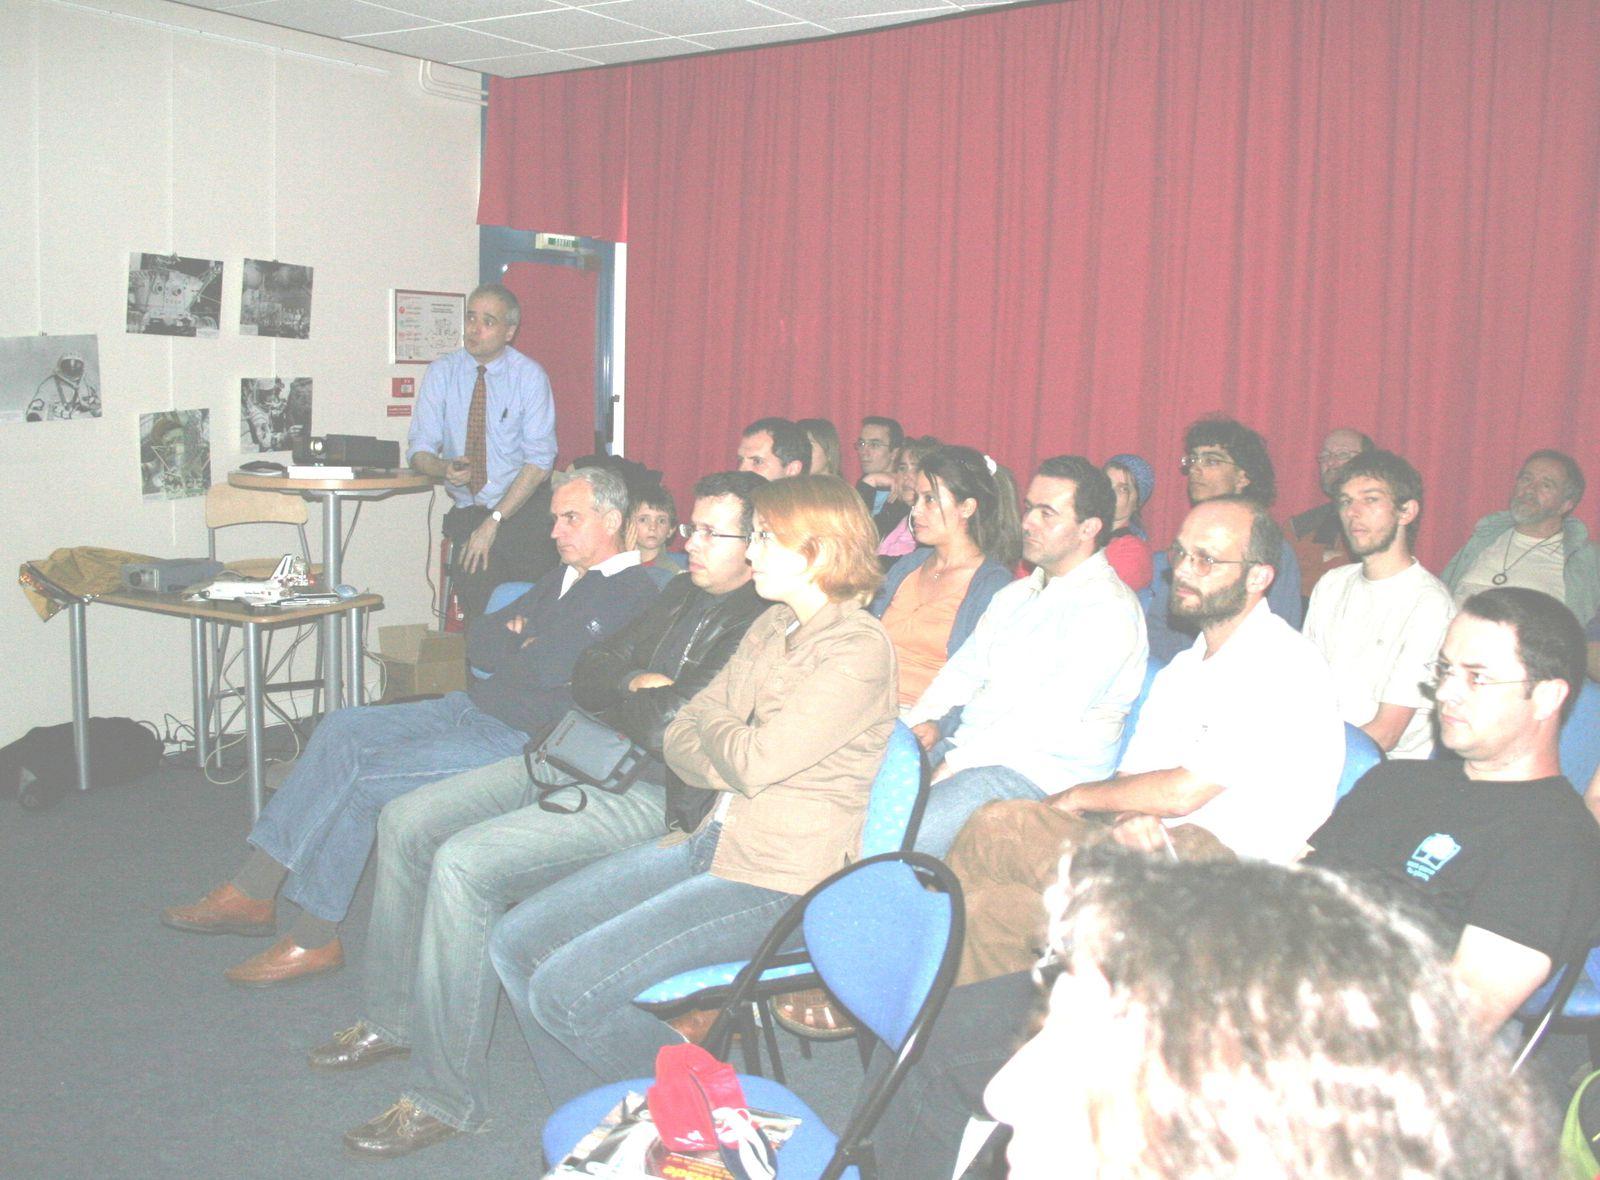 l'une des conférence de Jean-François PELLERIN à l'occasion des 50 ans de conquête spatiale en 2007